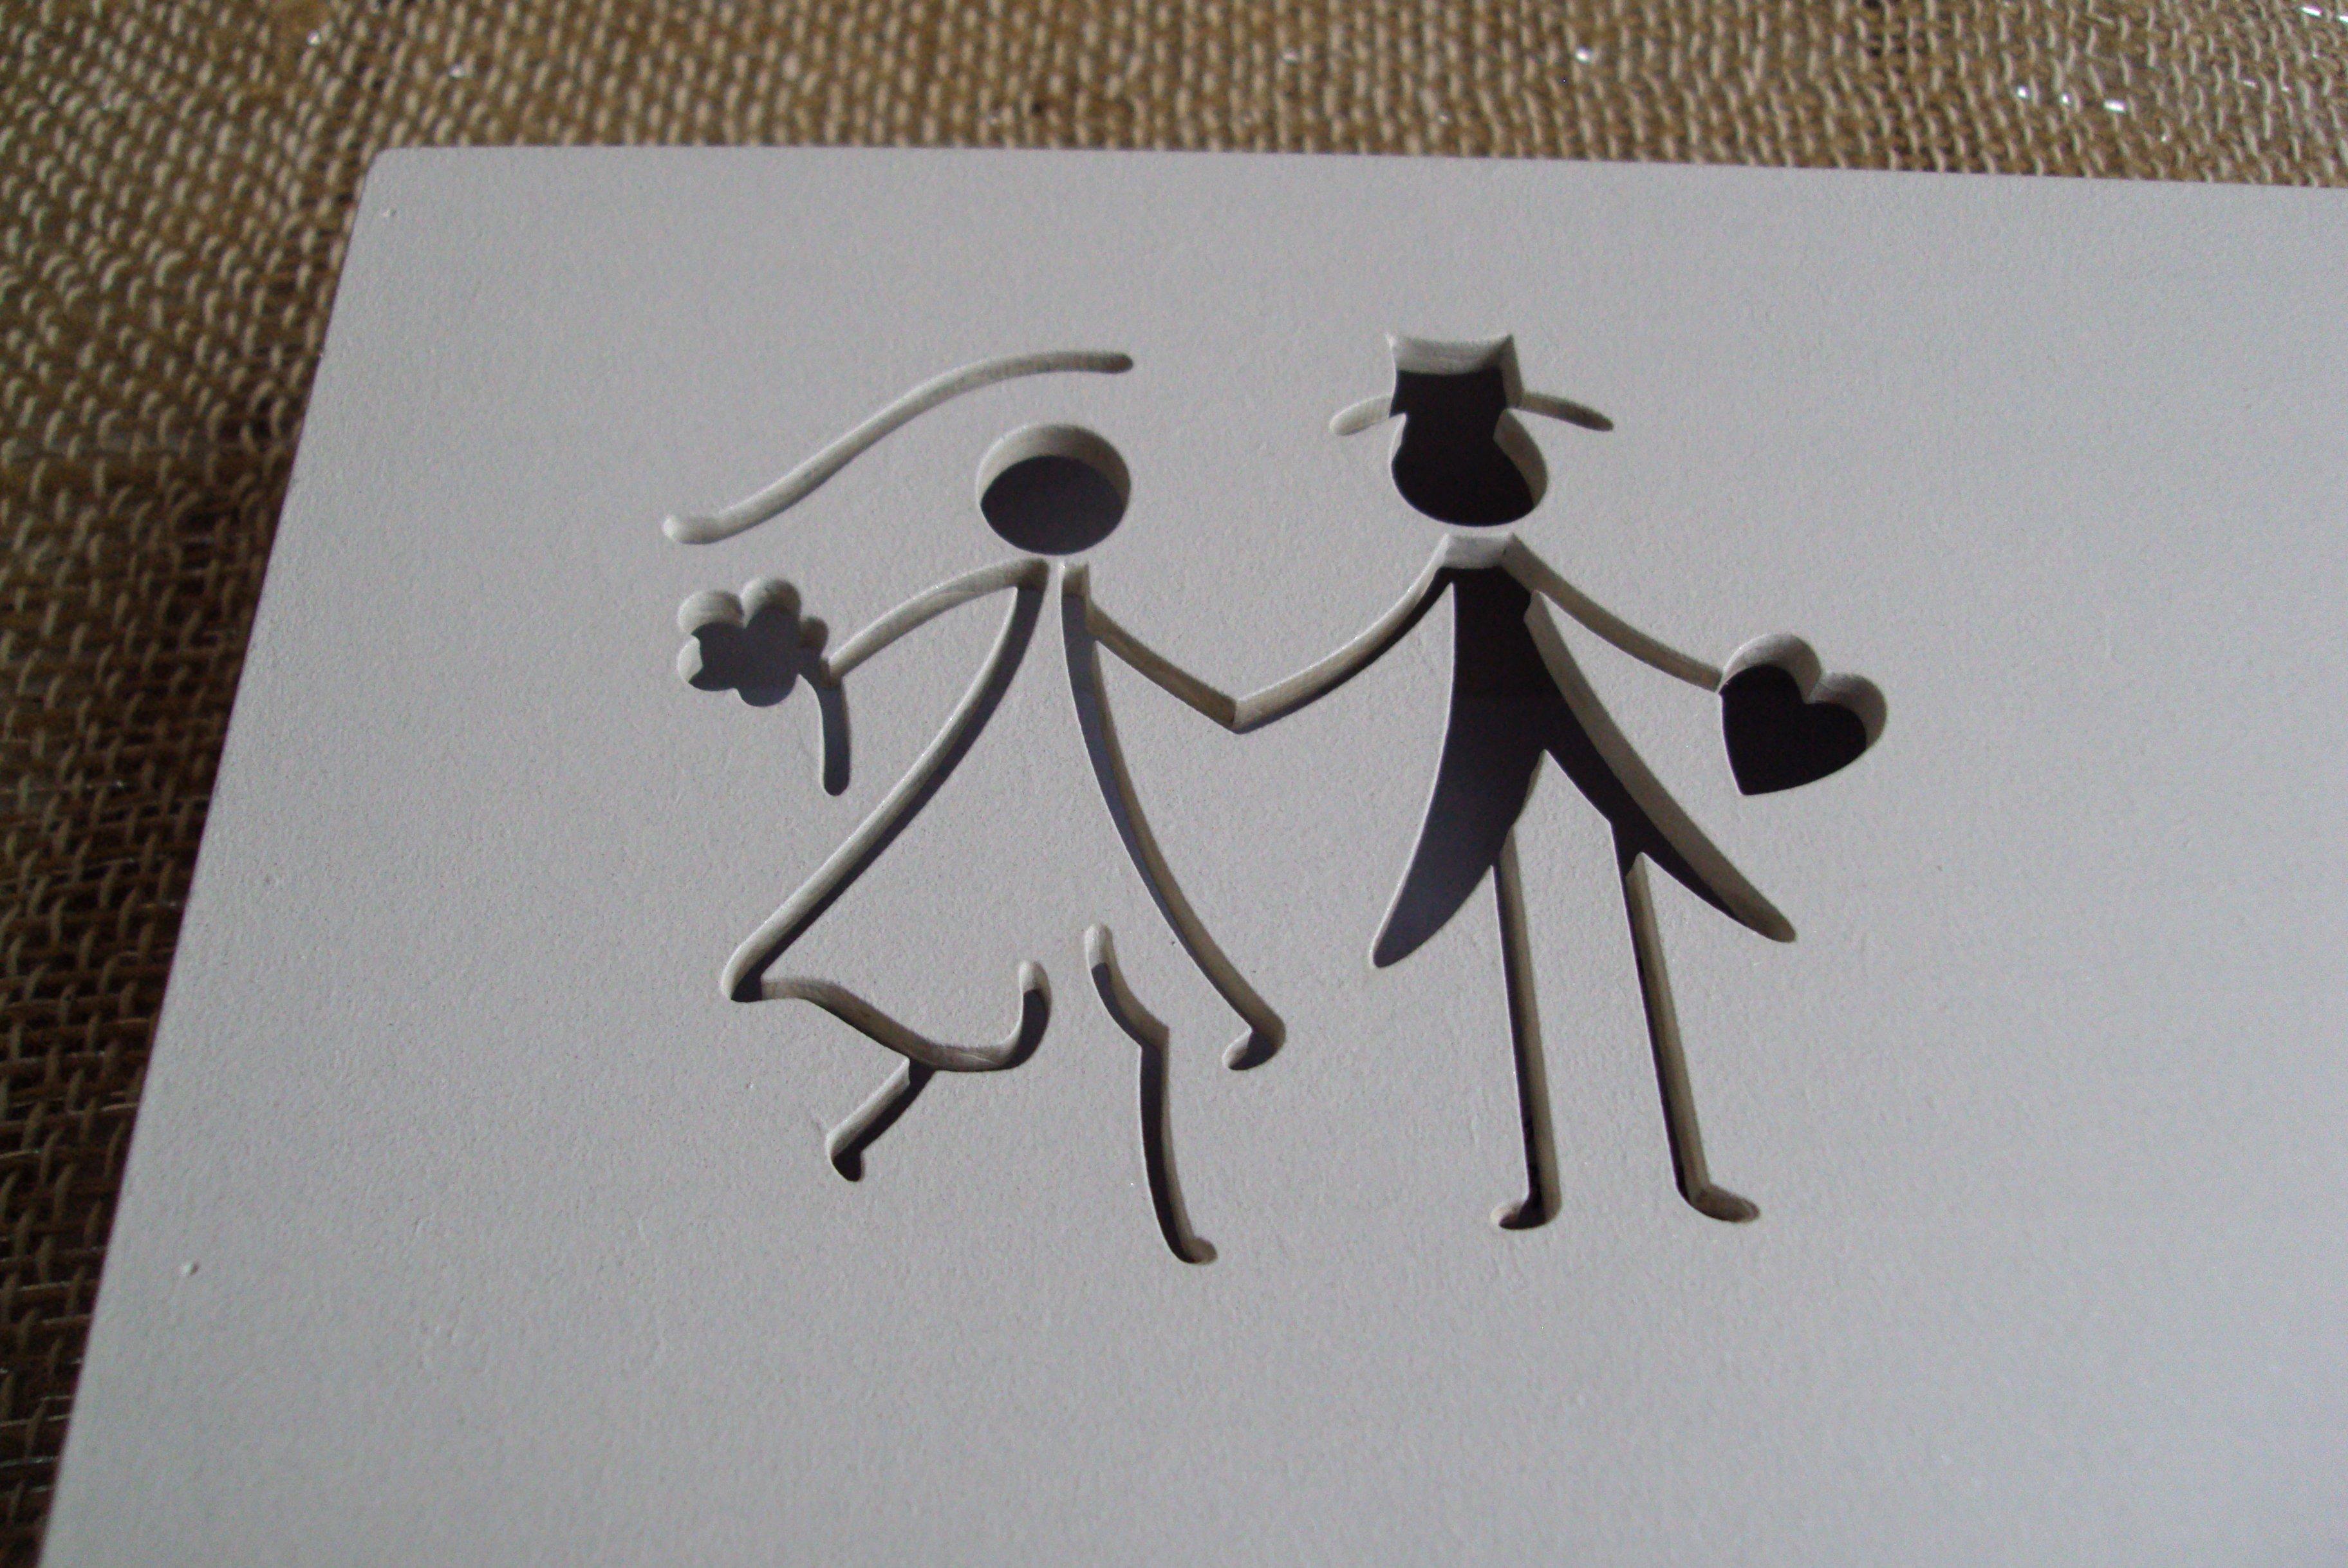 caixa para convite de casamento caixa para convite de casamento #5F4D38 3648x2436